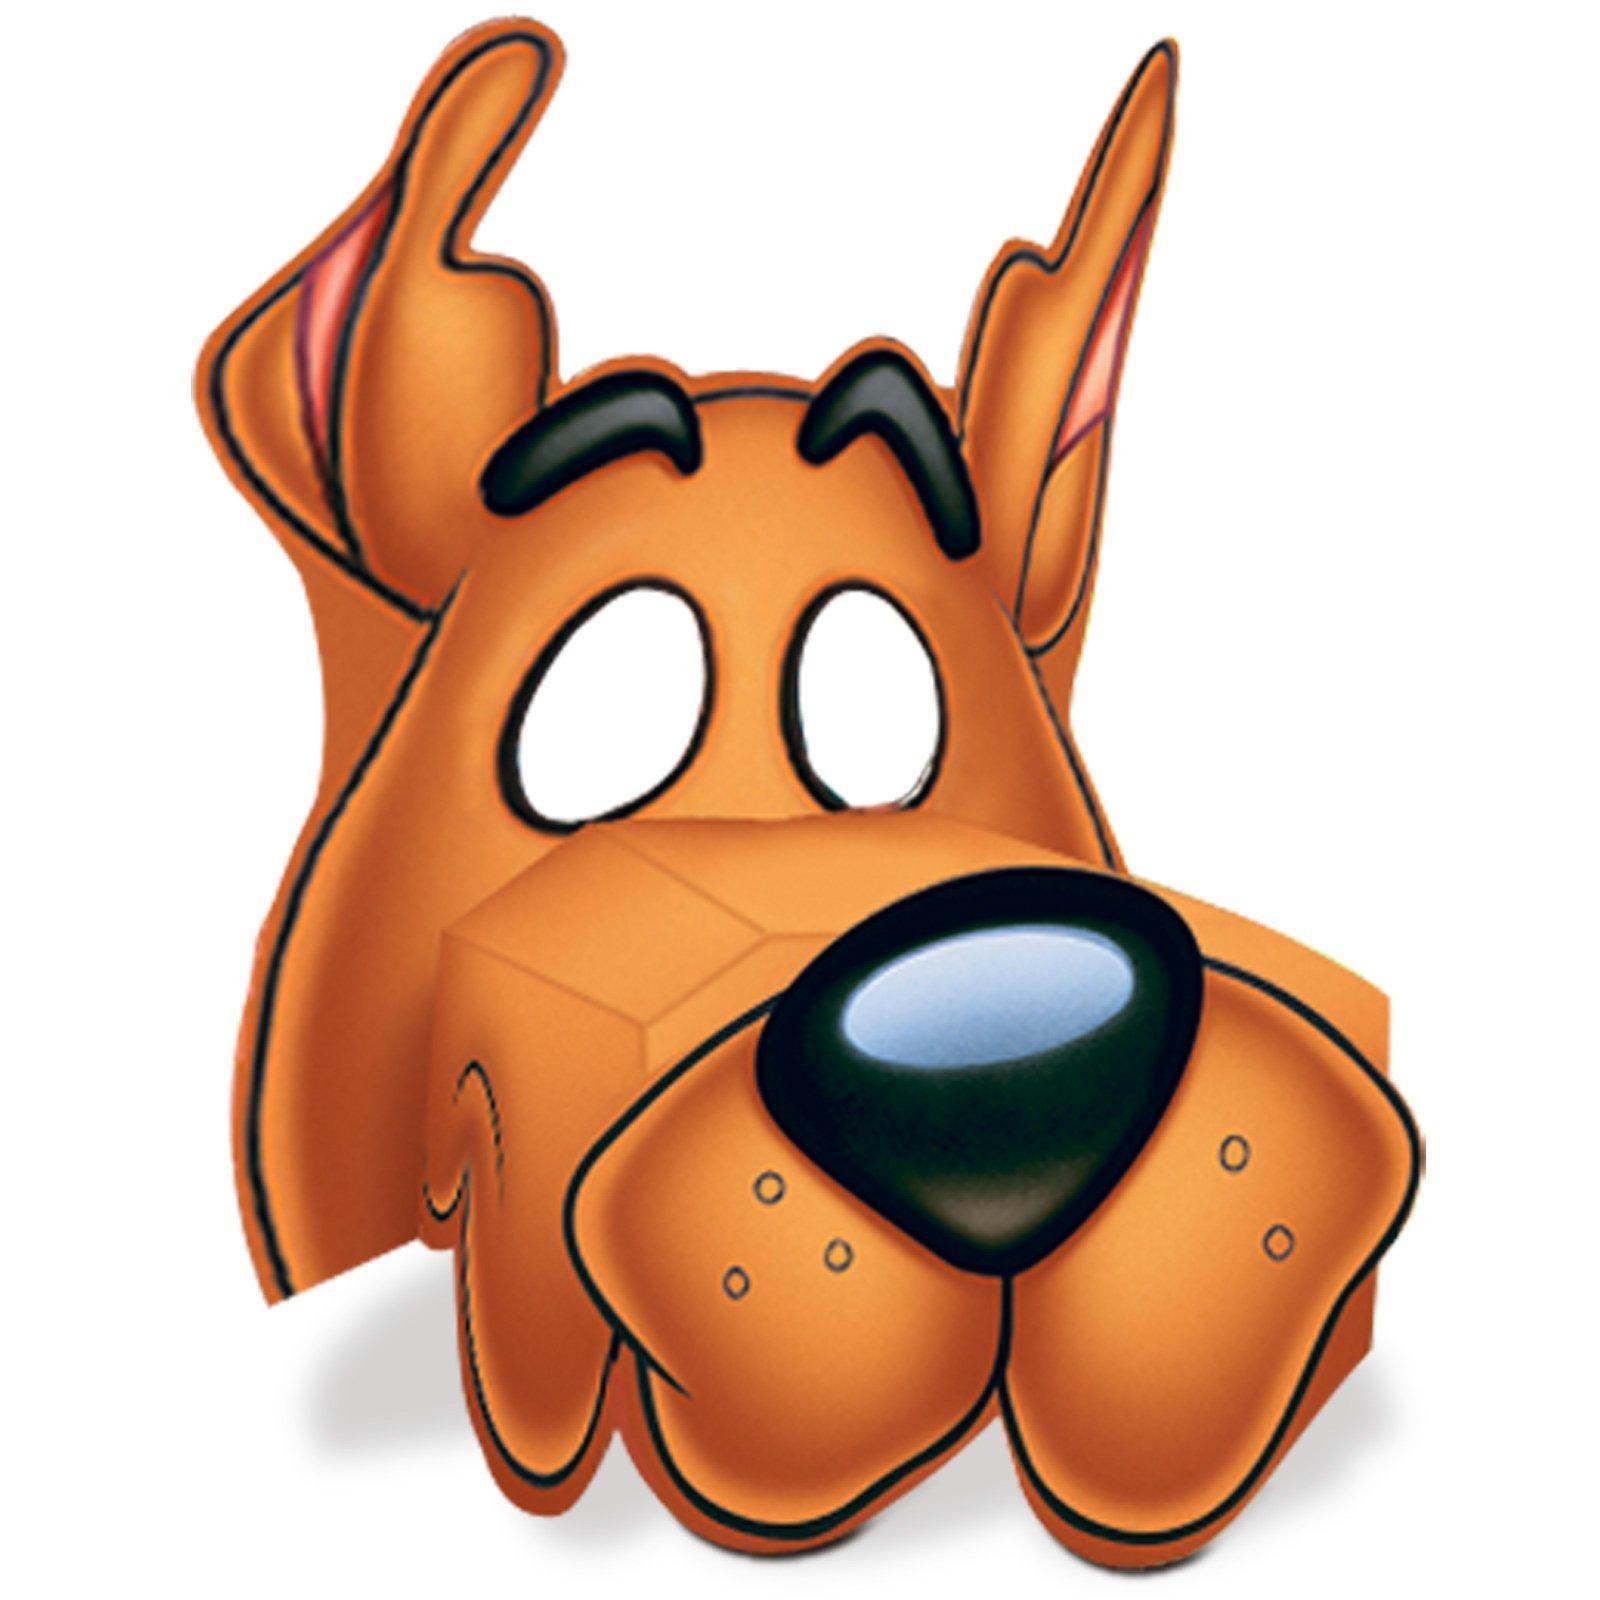 Сериал Скуби -Ду 3 сезон The Scooby-Doo Show смотреть онлайн бесплатно! 47